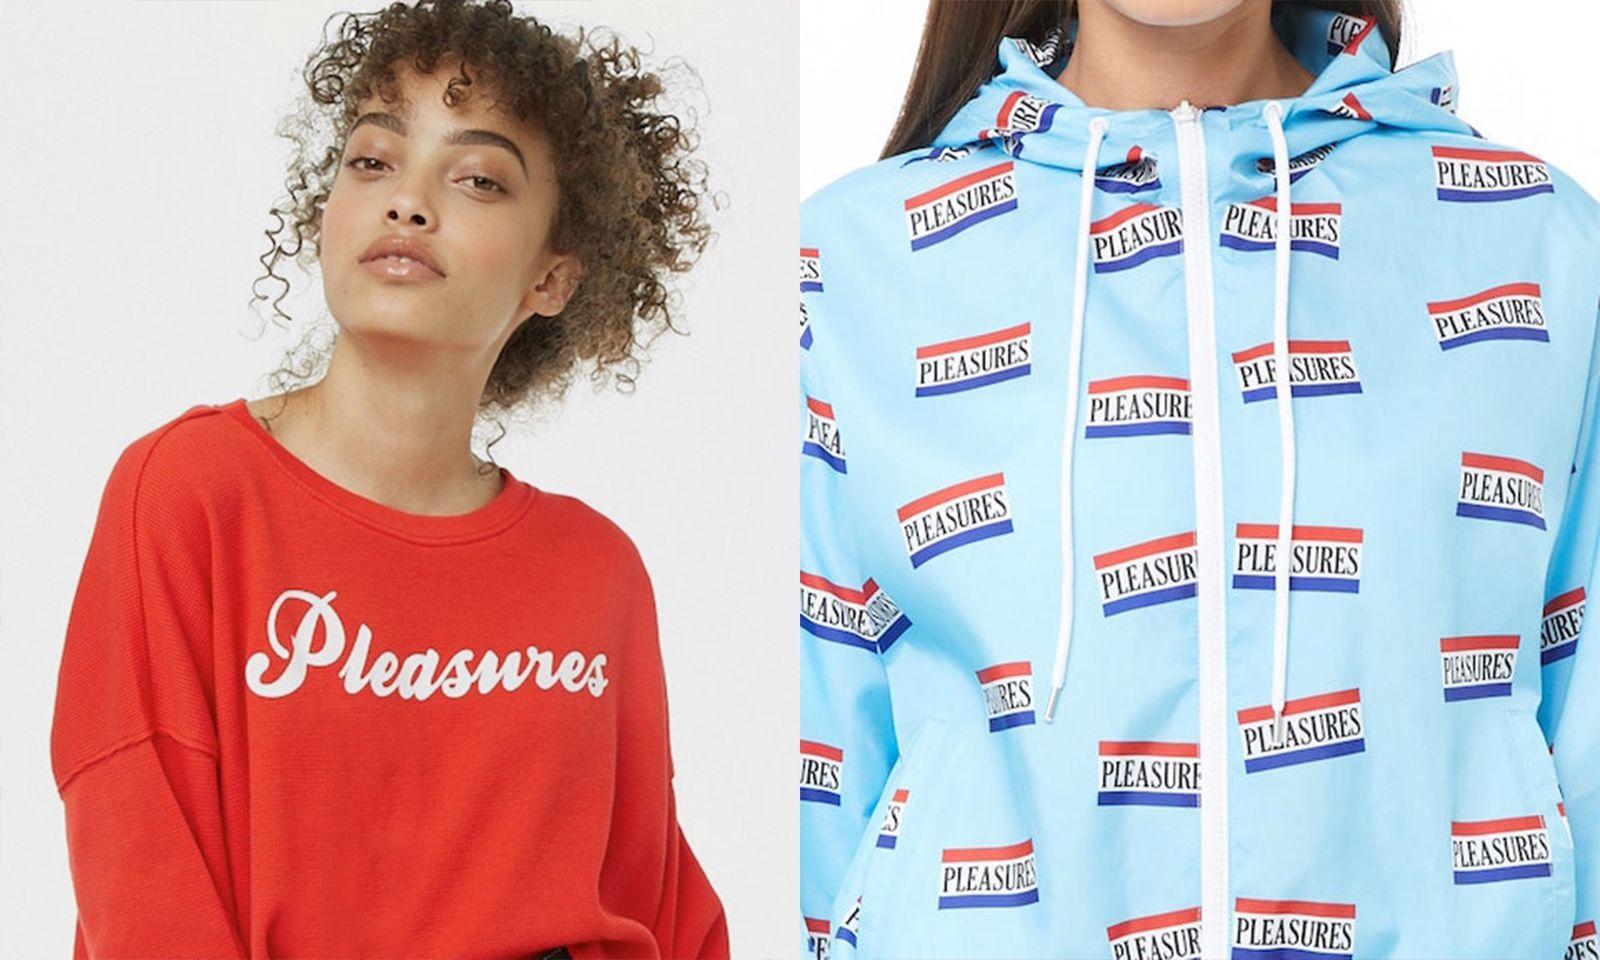 pleasures forever 21 branding